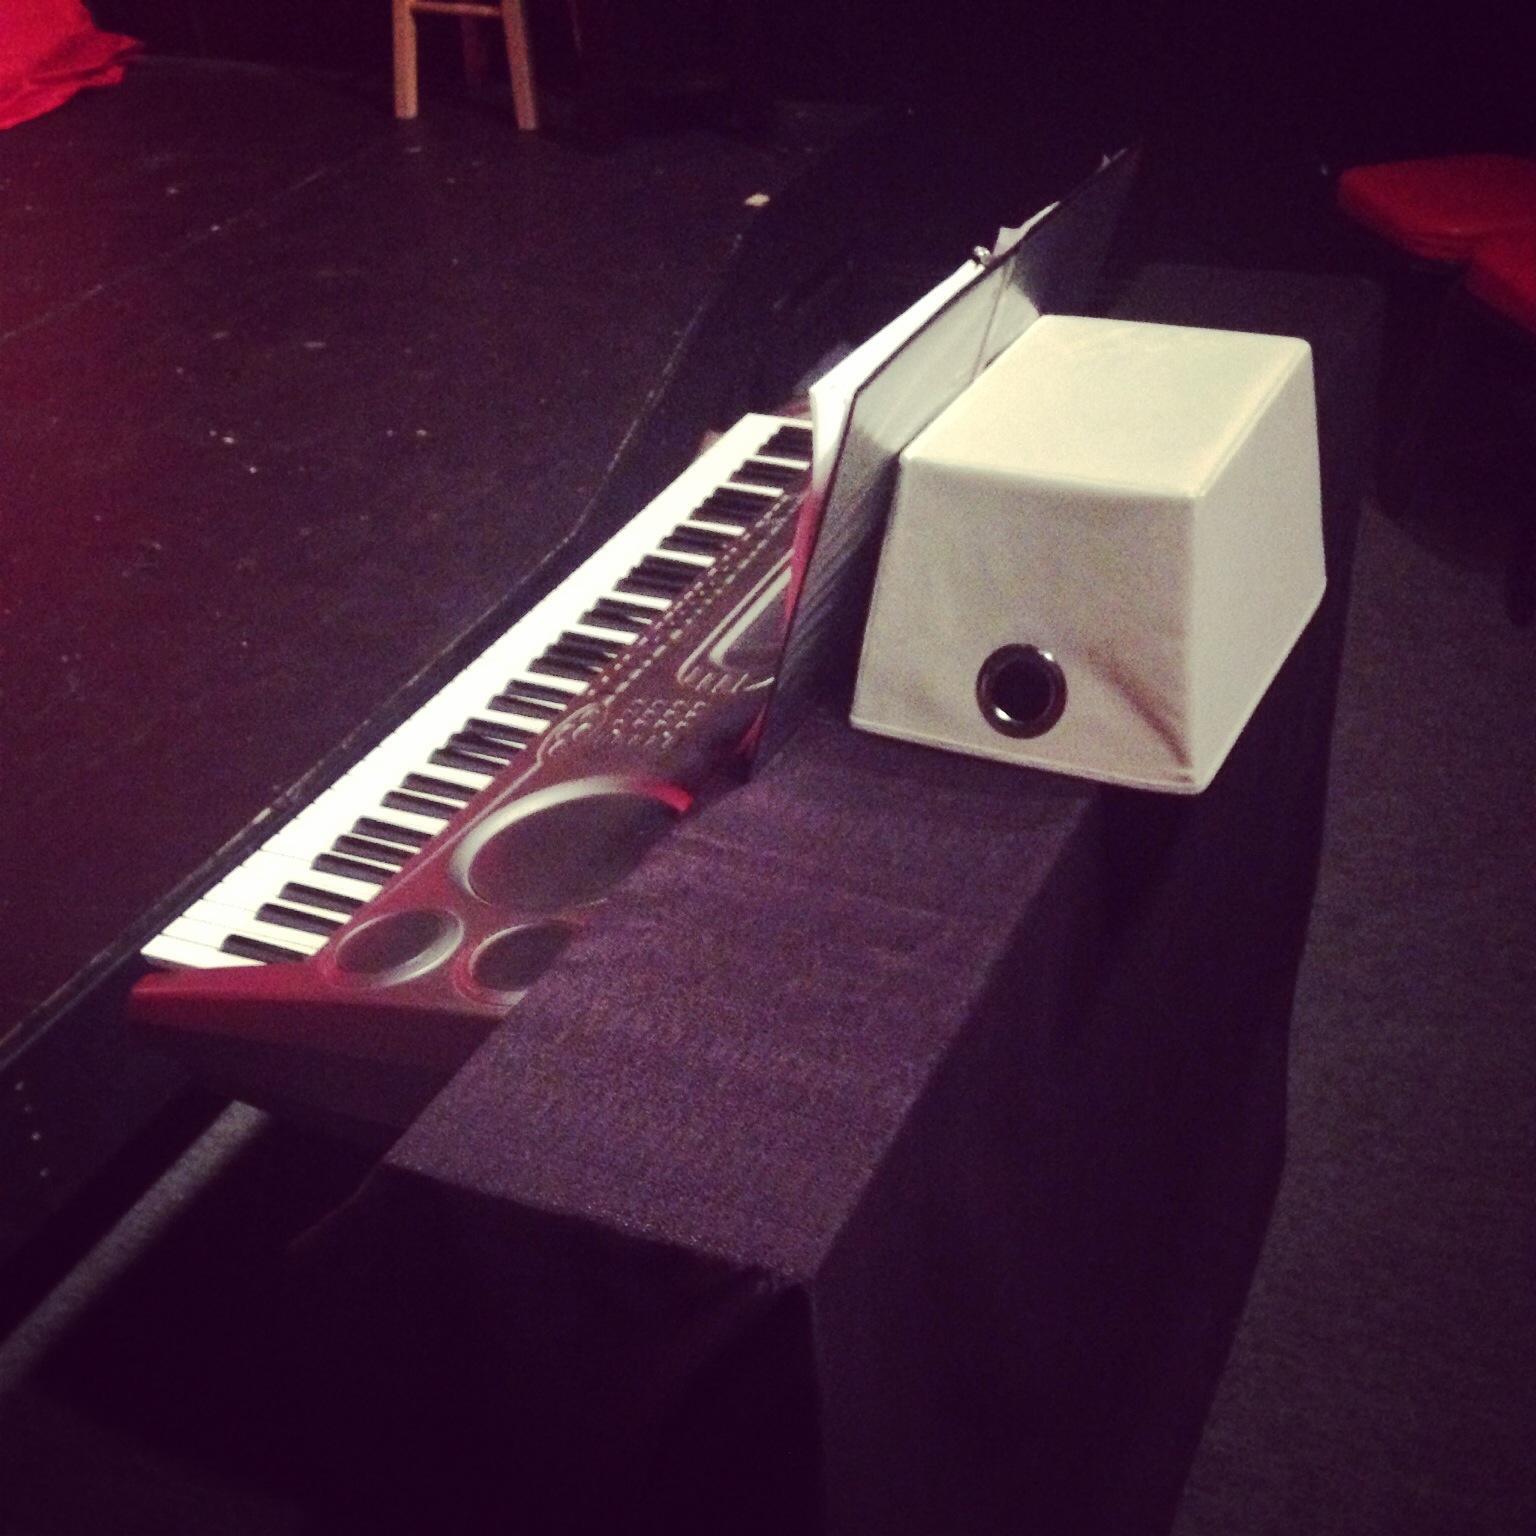 Makeshift music rack